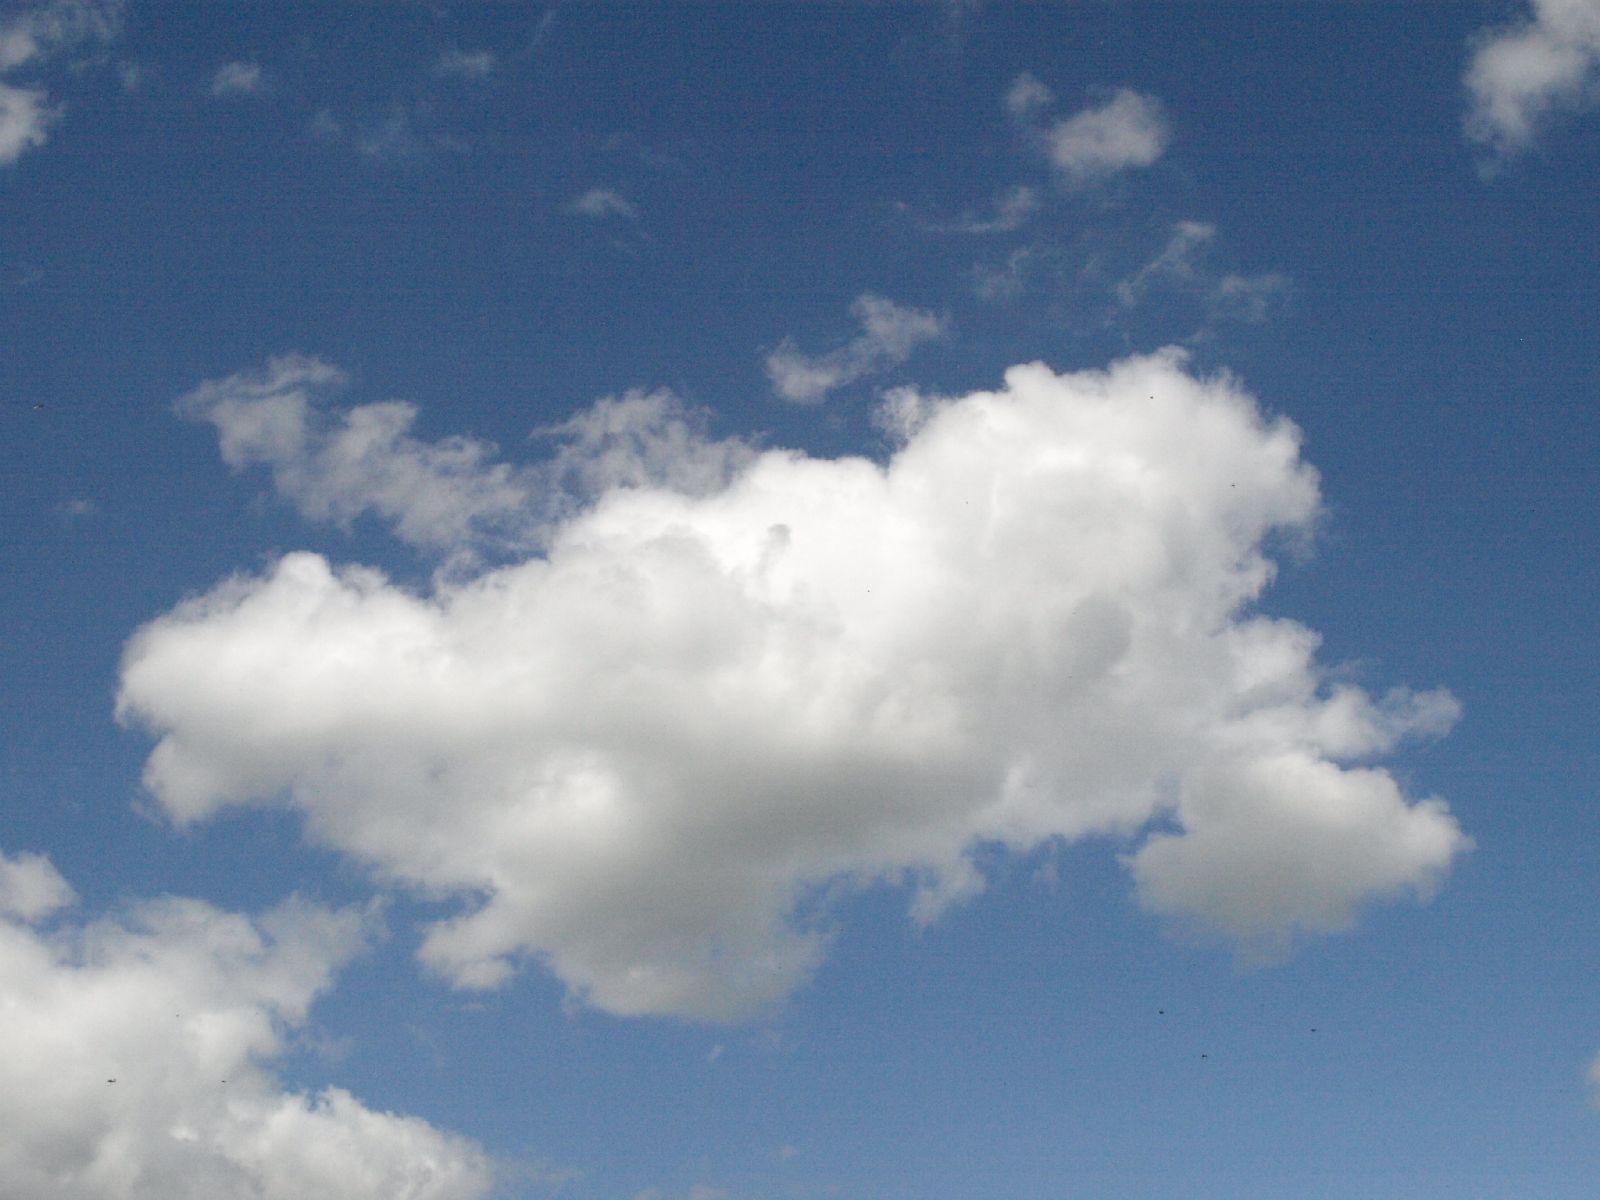 Himmel-Wolken-Foto_Textur_A_P5183775